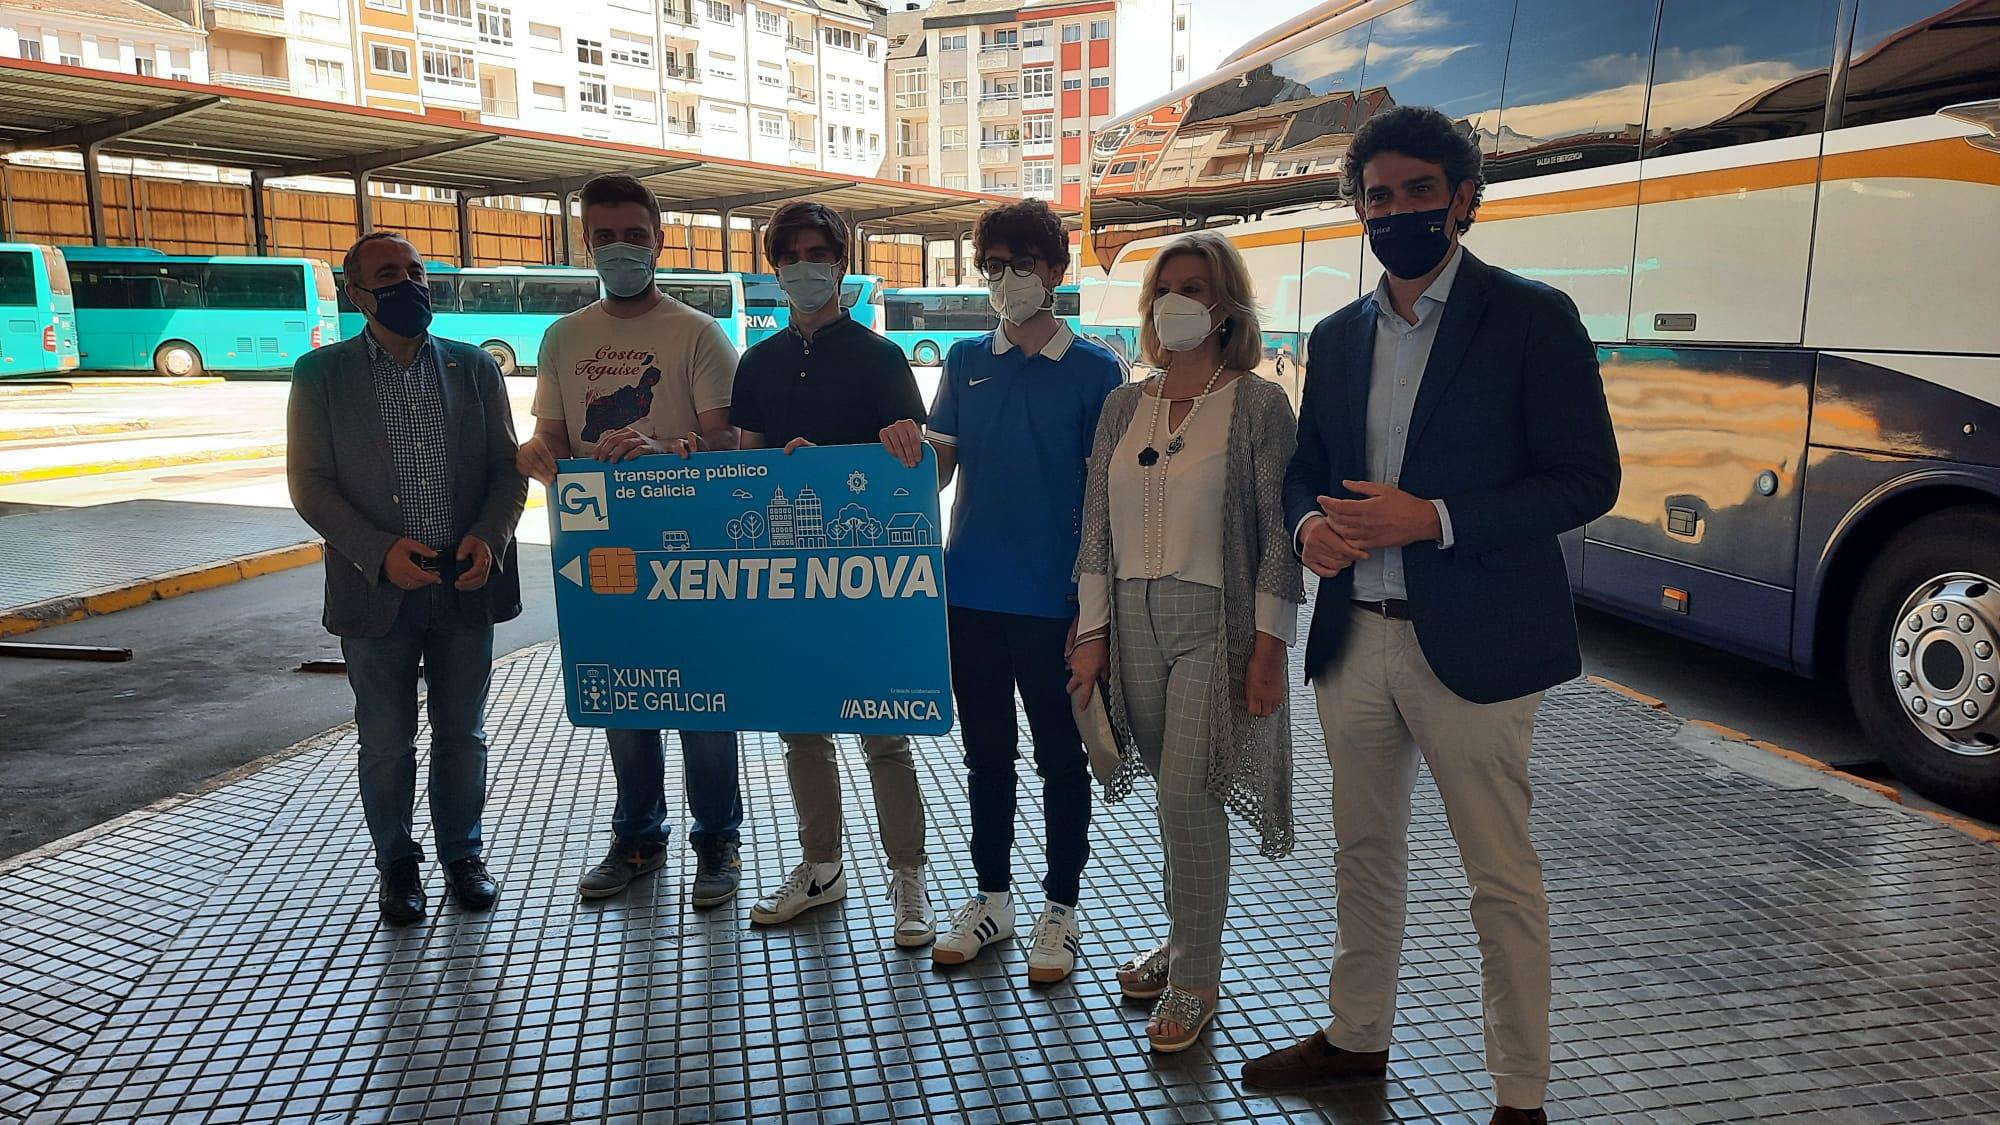 Máis de 250 lucenses menores de 21 anos adquiriron a tarxeta Xente Nova na primeira semana dende que se estendeu o seu uso a toda Galicia, coa que viaxan gratis nos autobuses da xunta